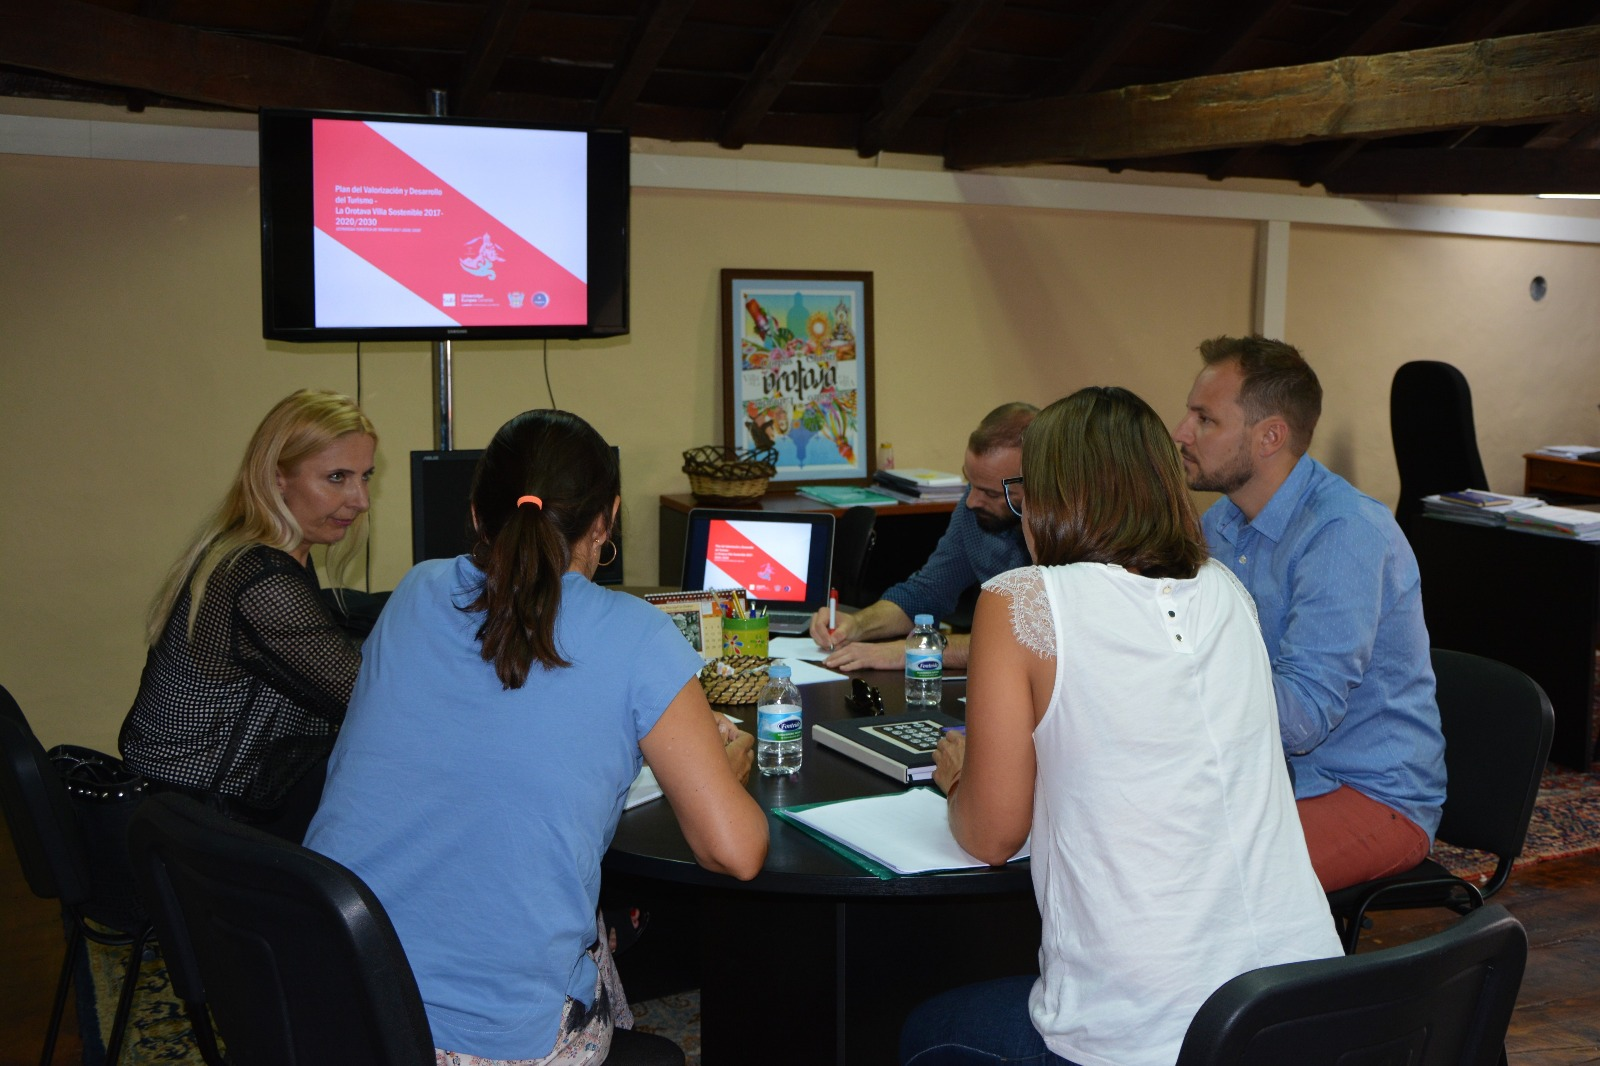 Ayuntamiento, Turismo de Tenerife y las universidades continúan trabajando en el Plan Estratégico Turístico Municipal que aboga por un turismo sostenible